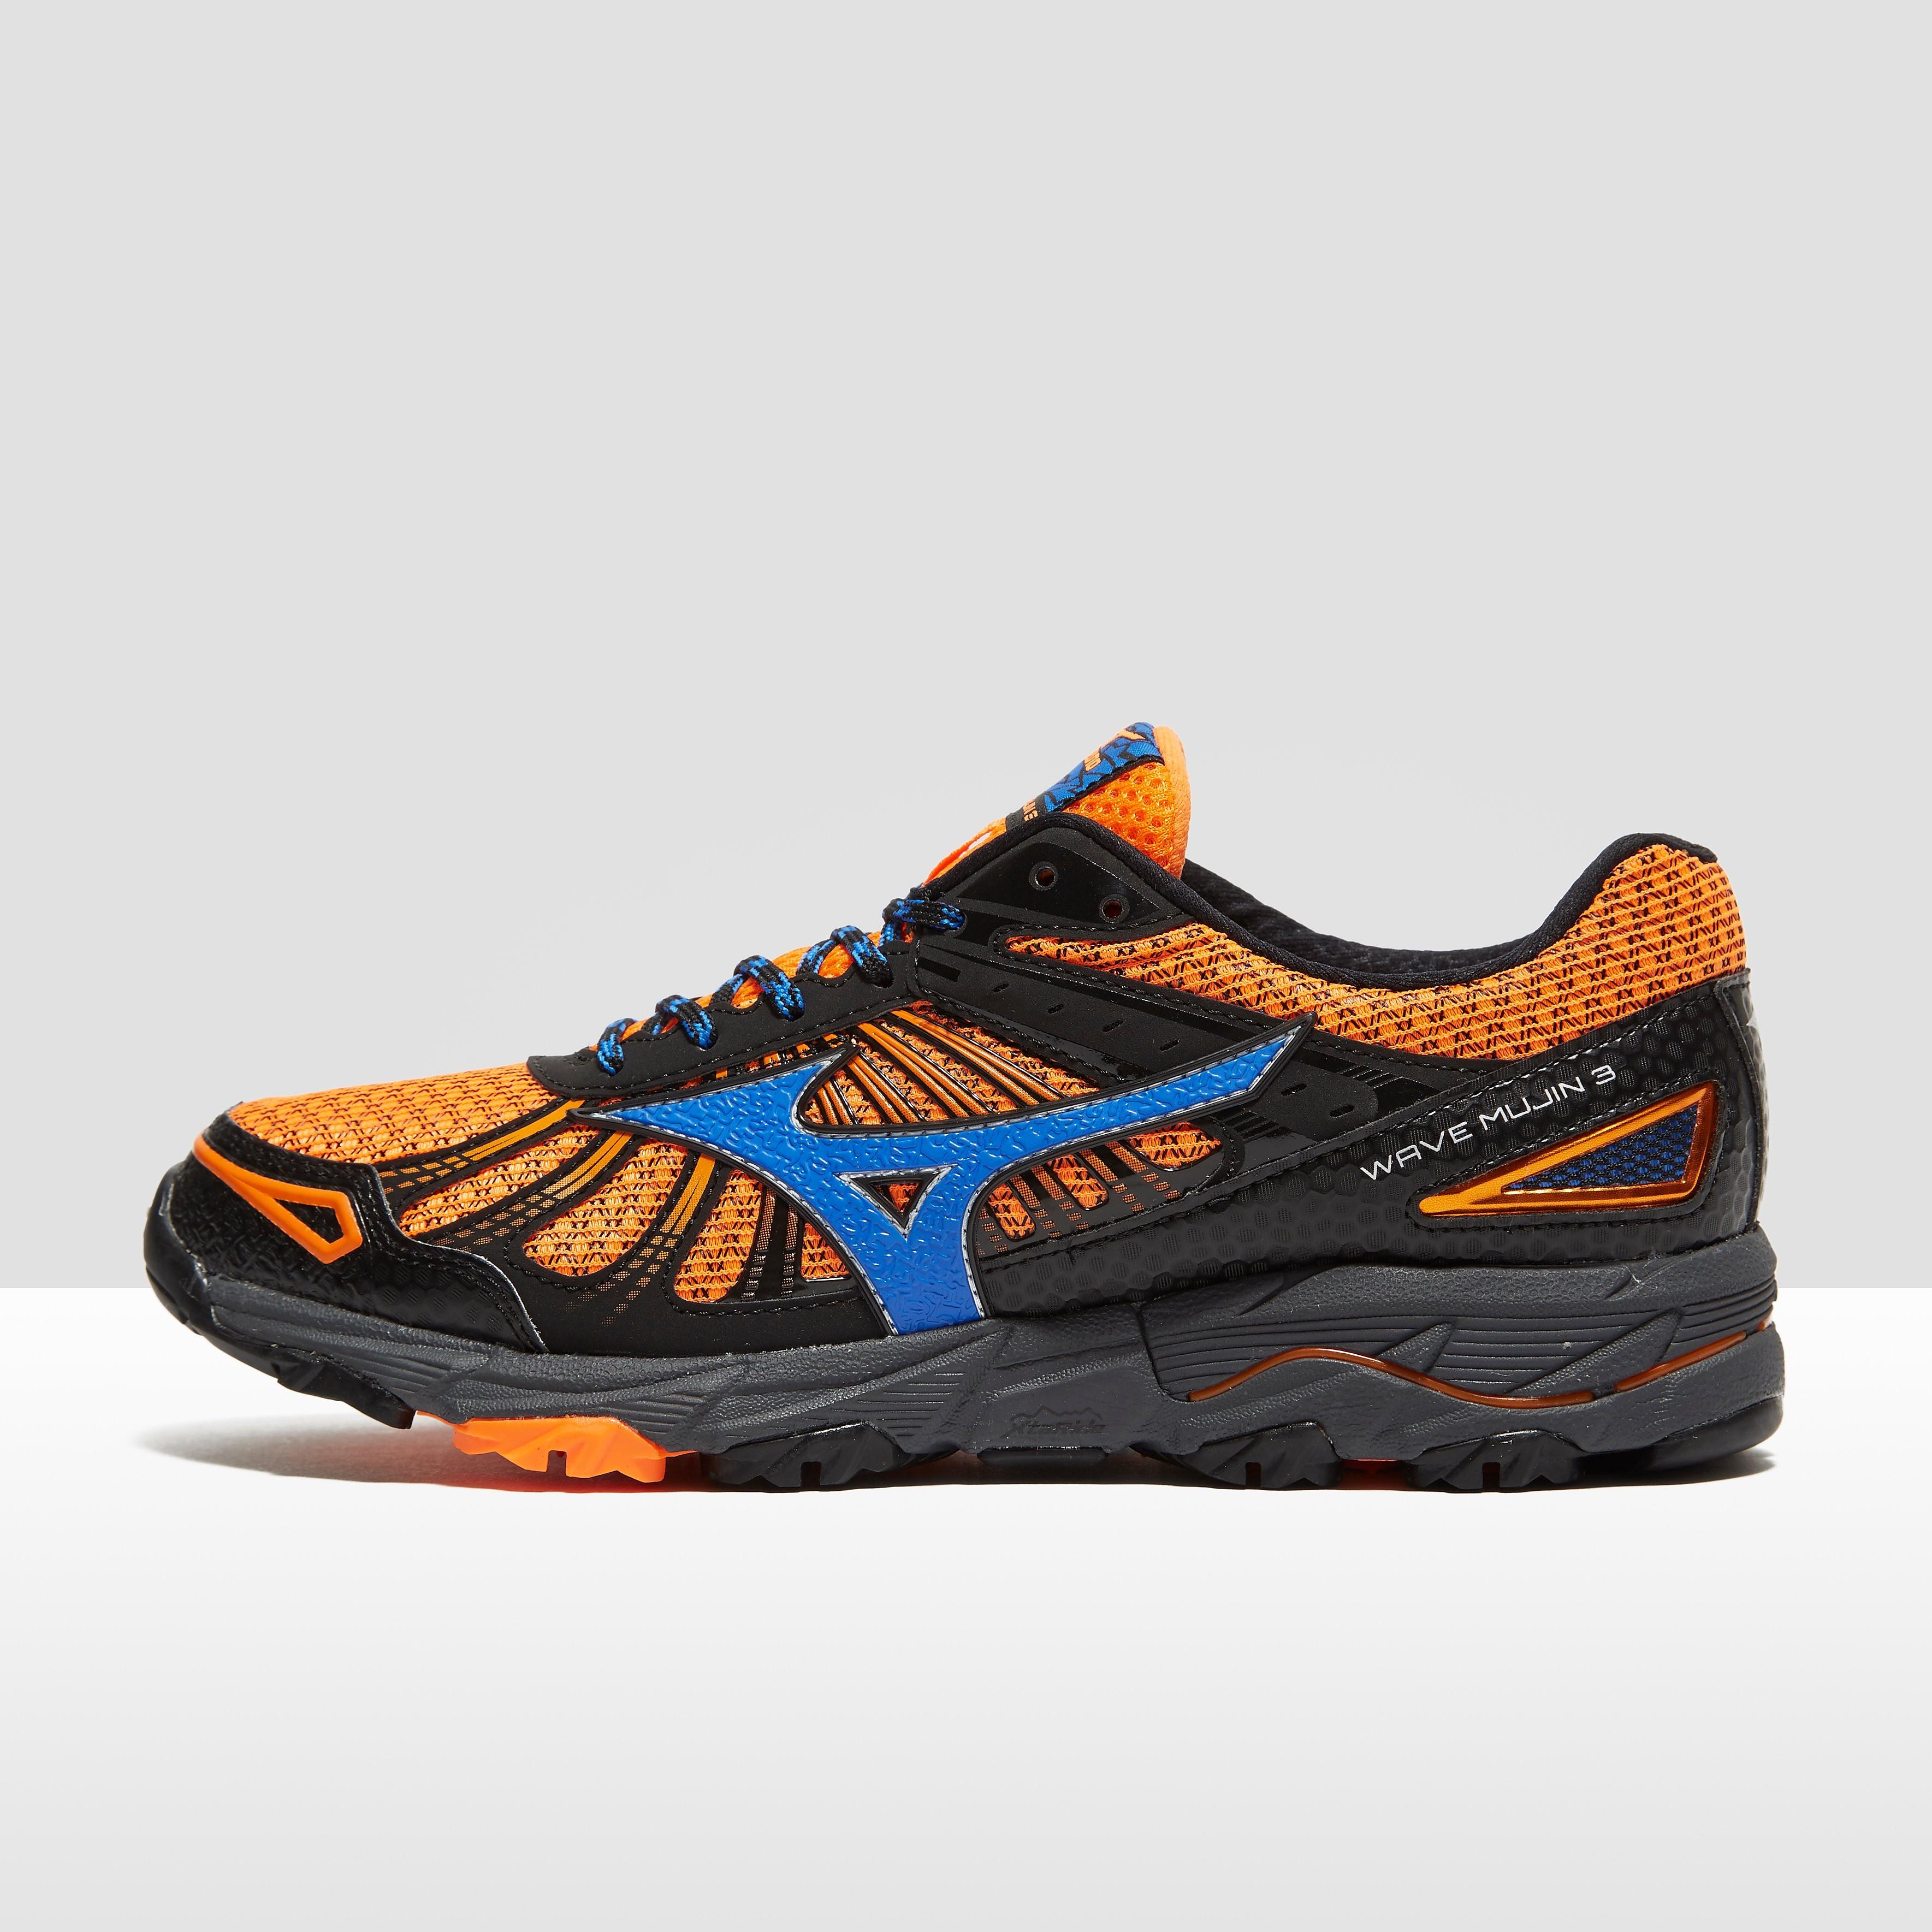 Mizuno Wave Mujin 3 Men's Trail Running Shoes